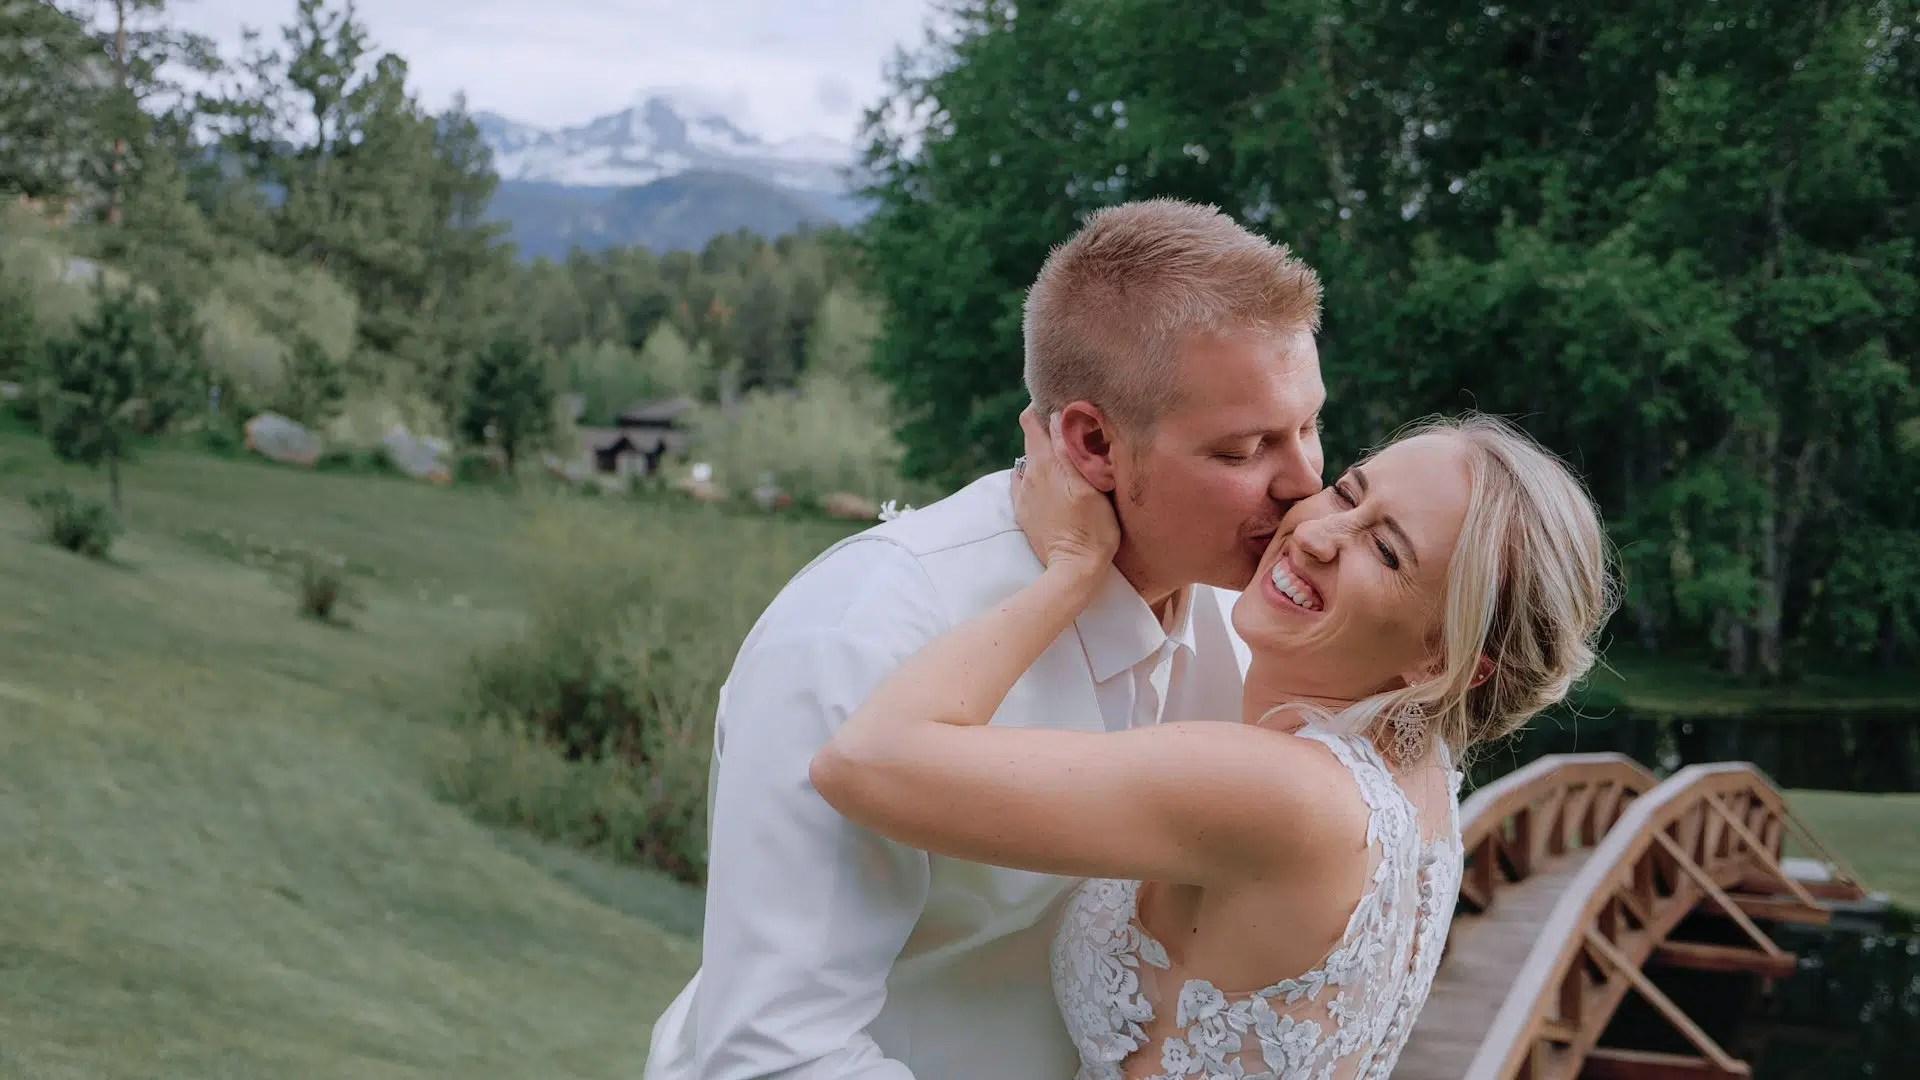 Thomas & Becky at Black Canyon Inn, Estes Park